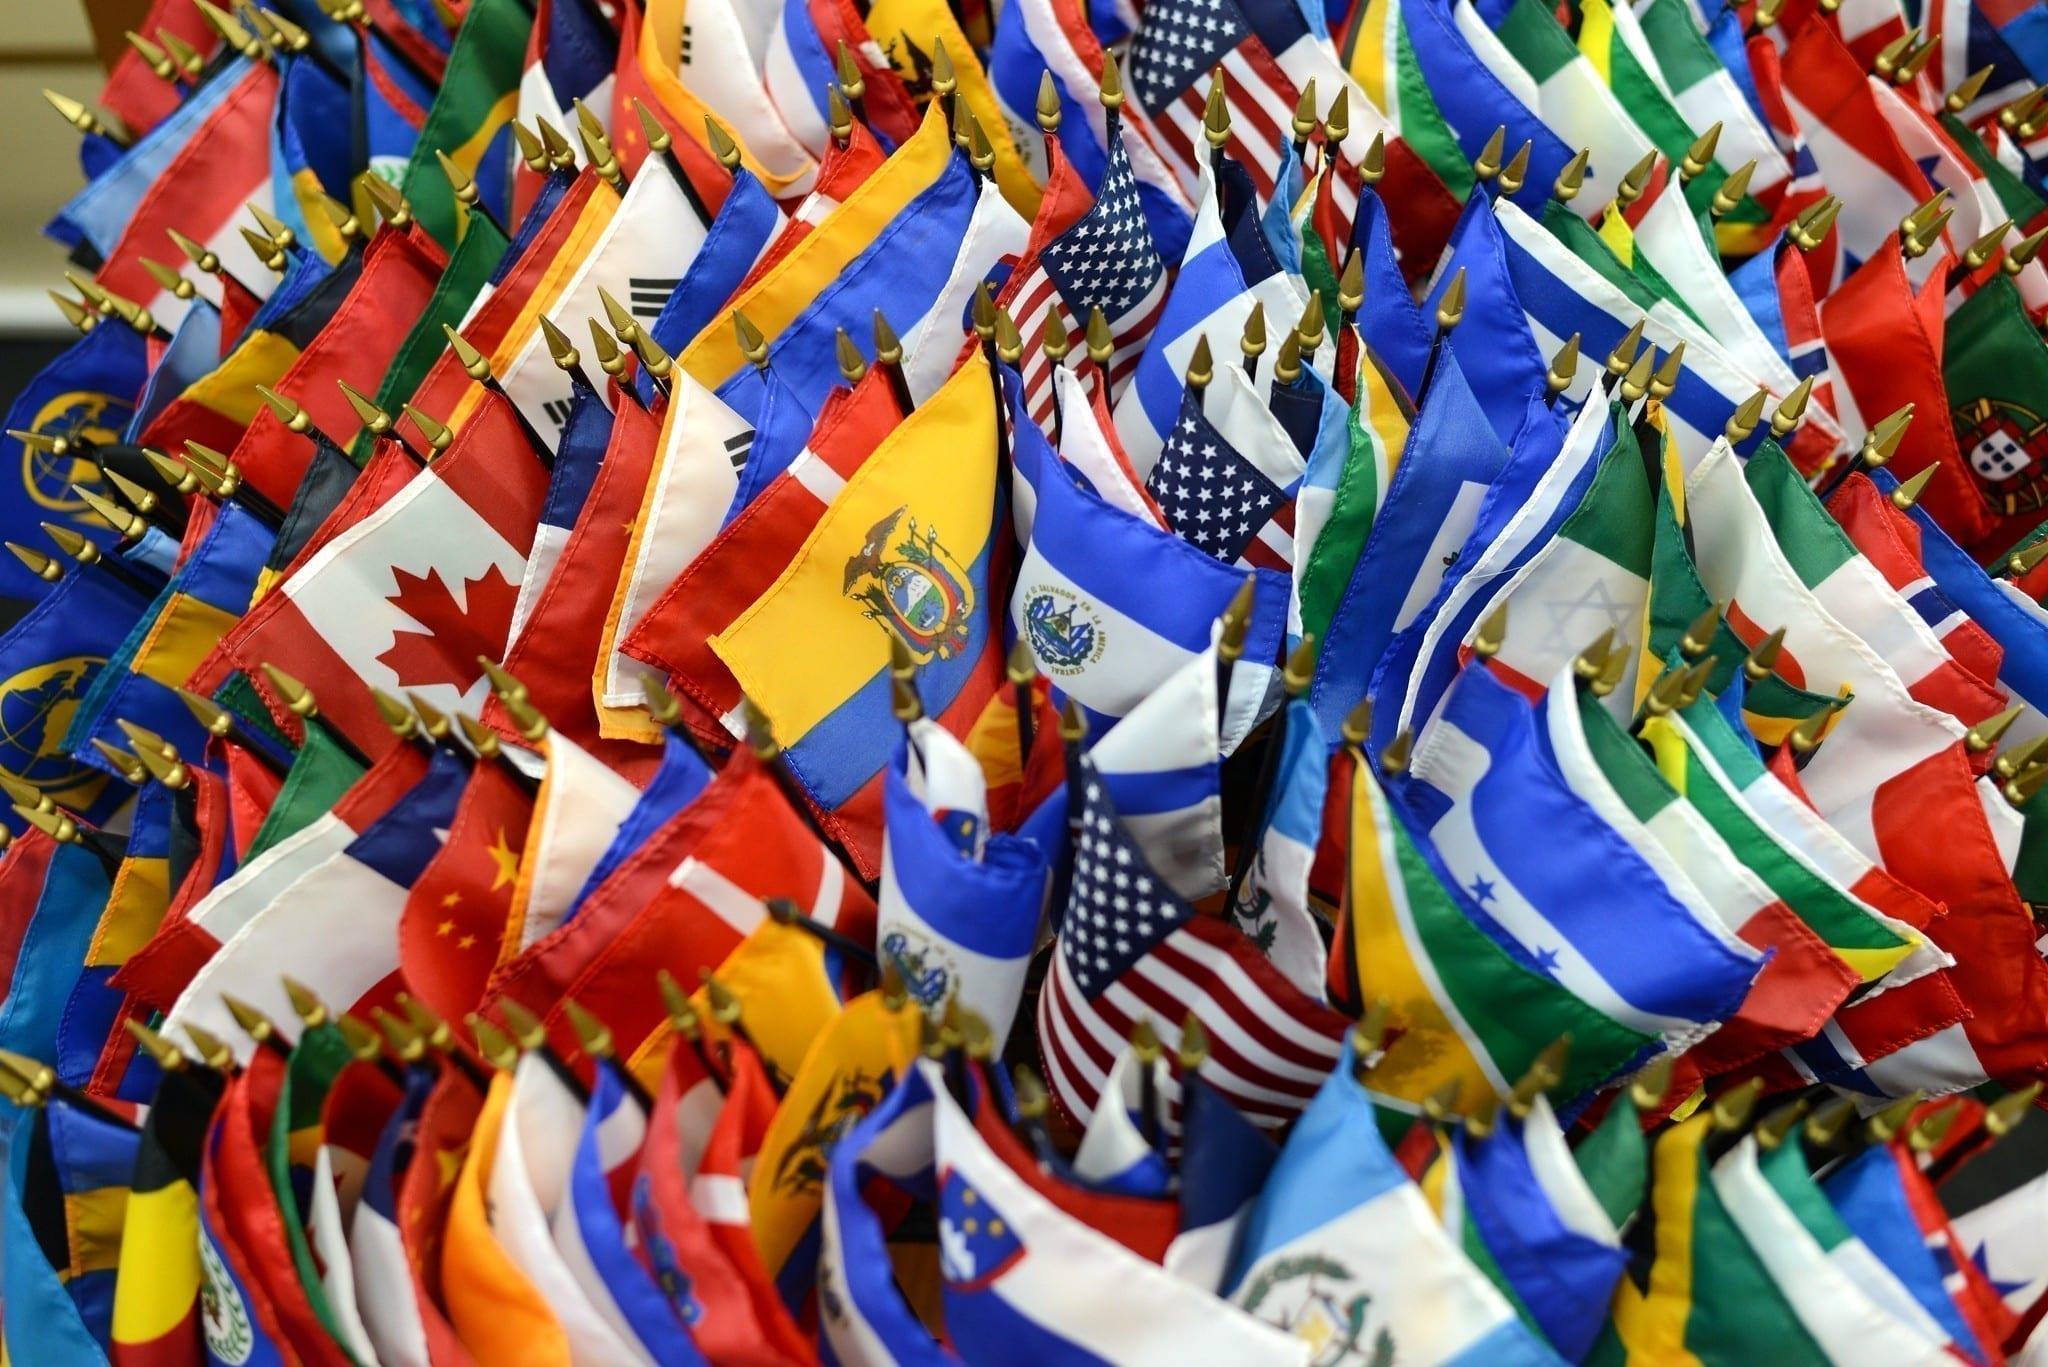 """el coronavirus supondrá un impacto """"enorme"""" en los mercados emergentes, según bank of america"""